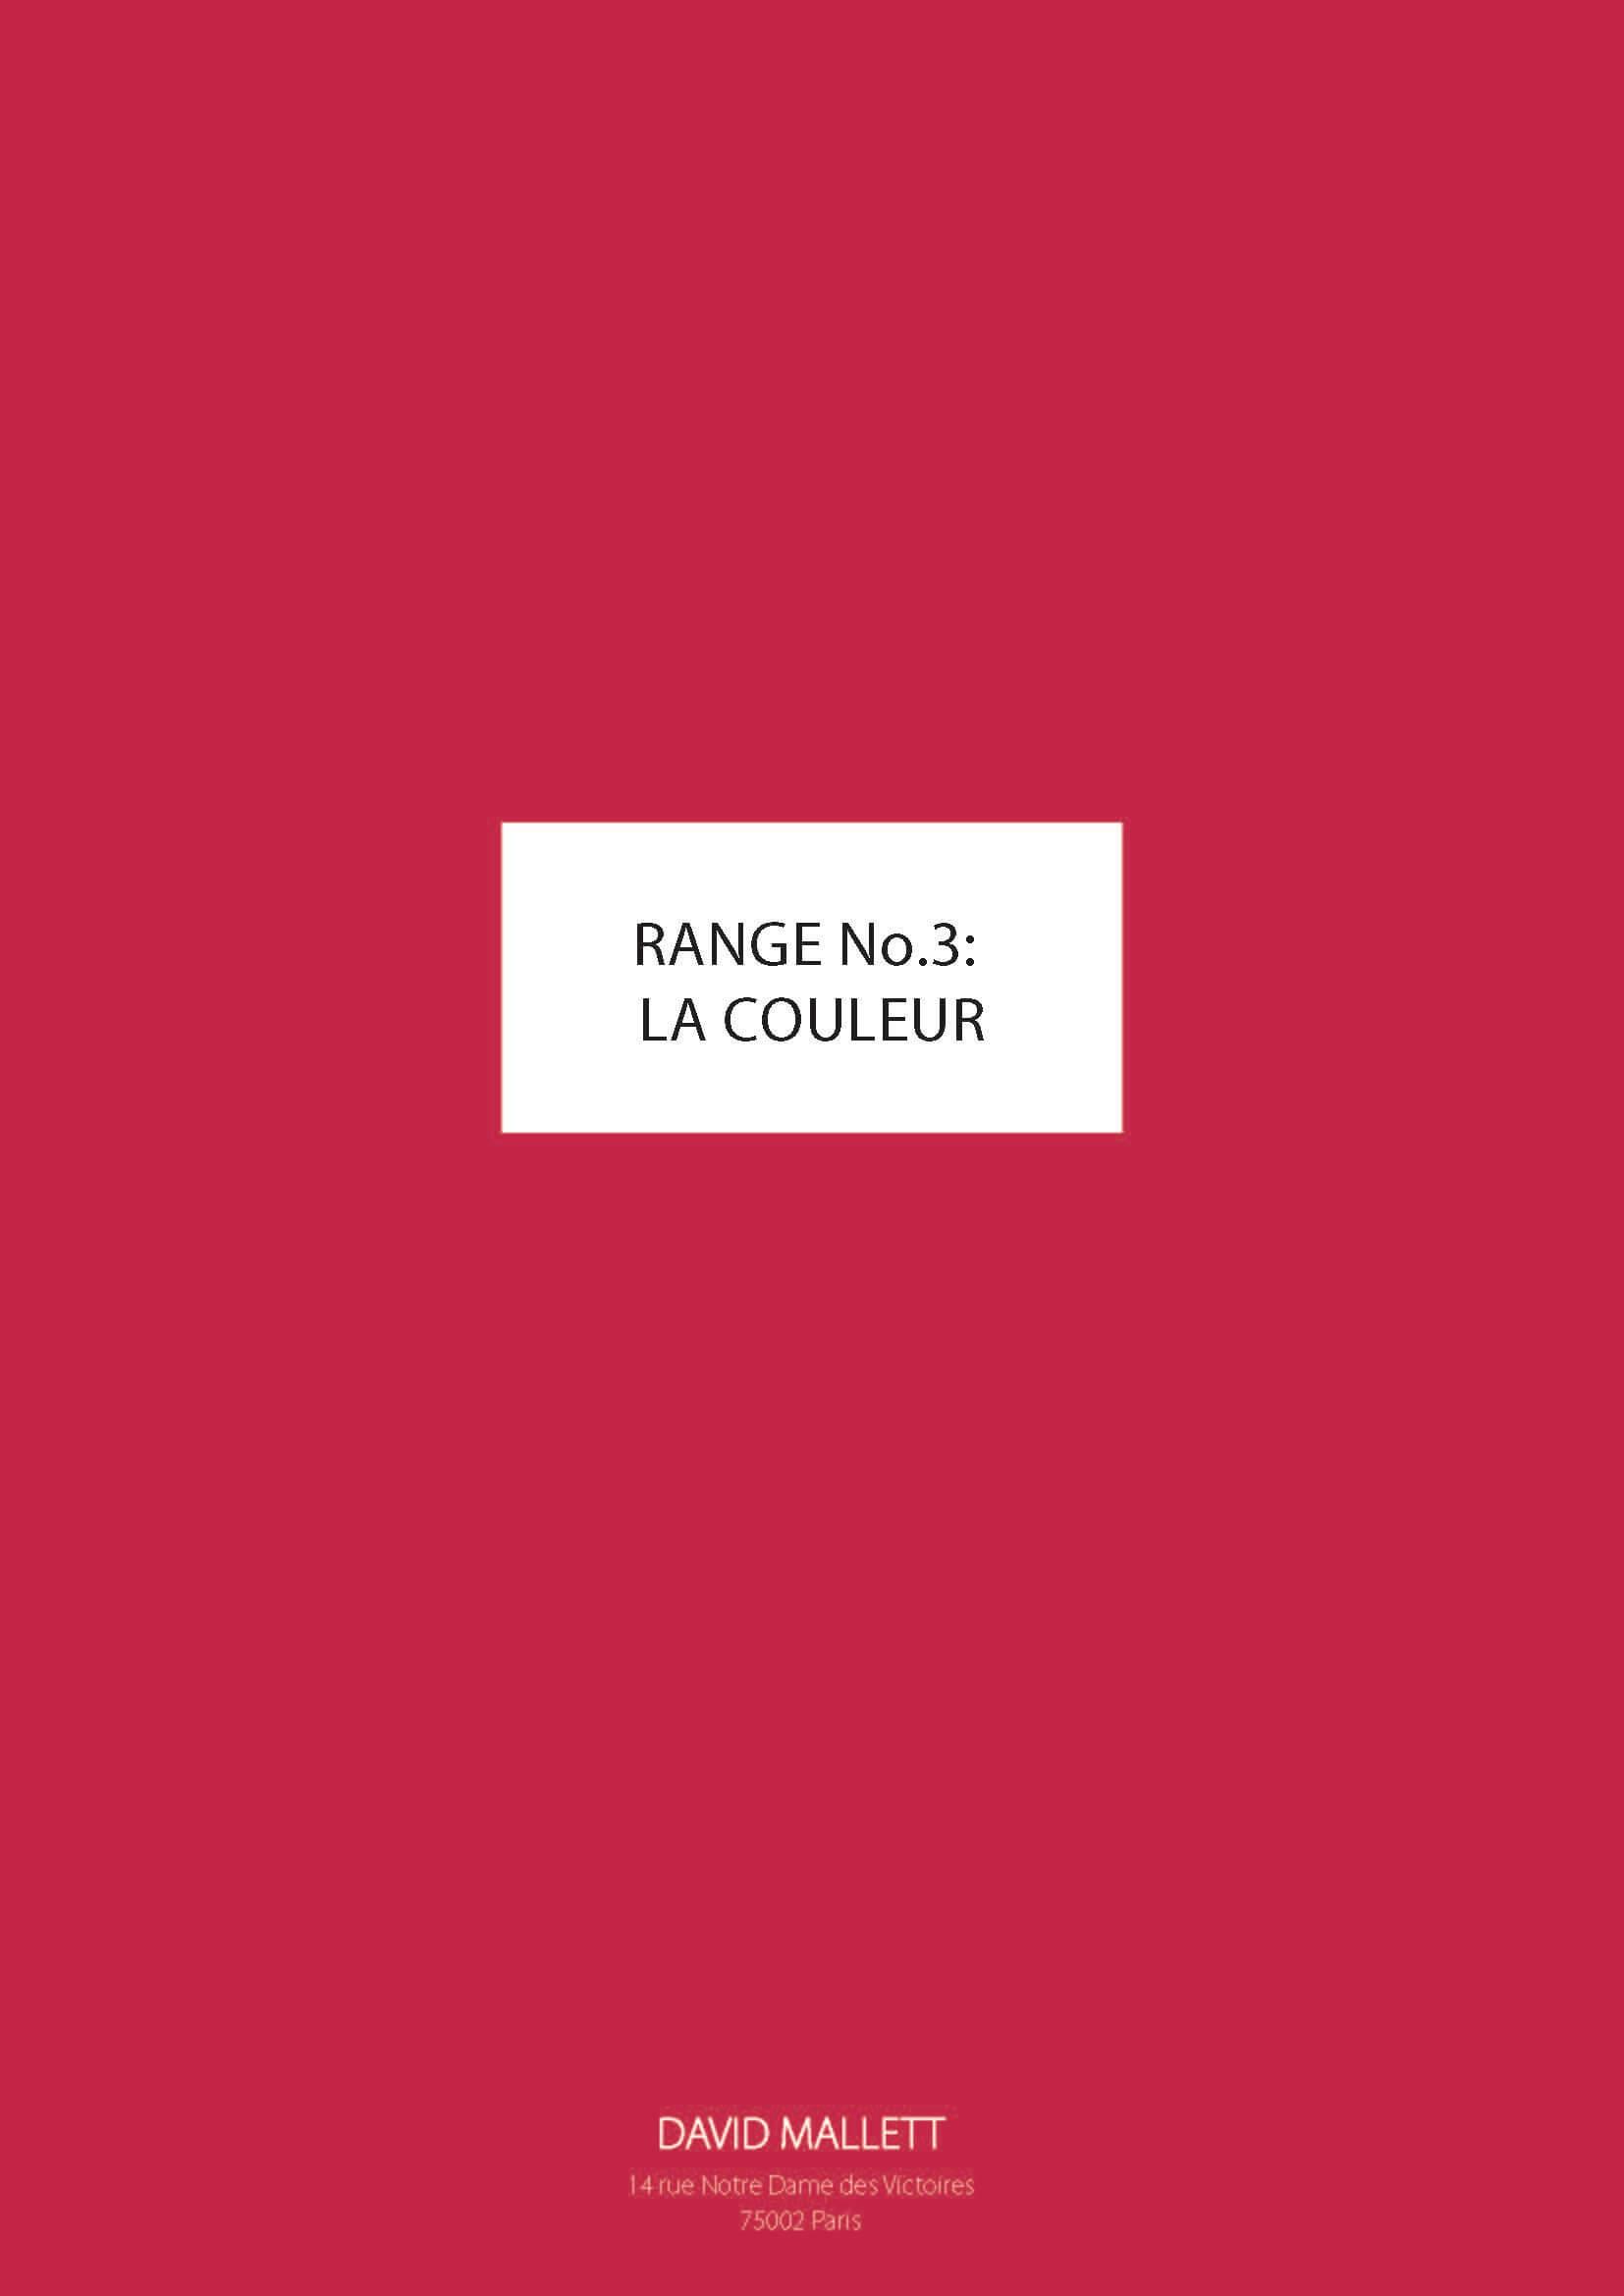 Gamme No.3 LA COULEUR FR